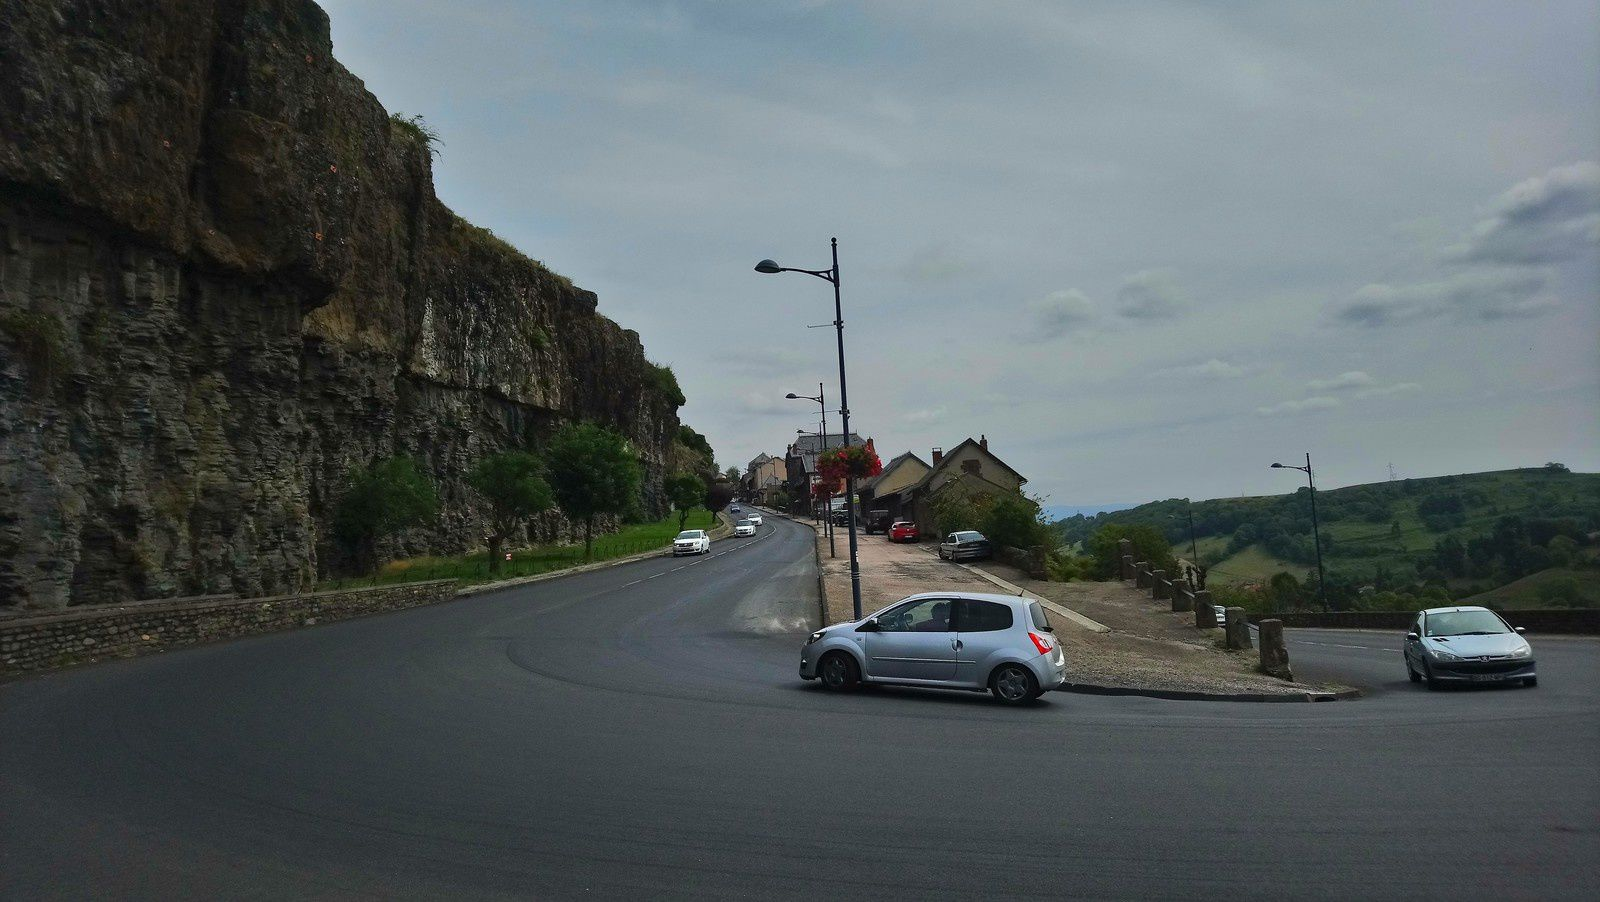 Balade à St Flour par le col de Prat de Bouc 330 km